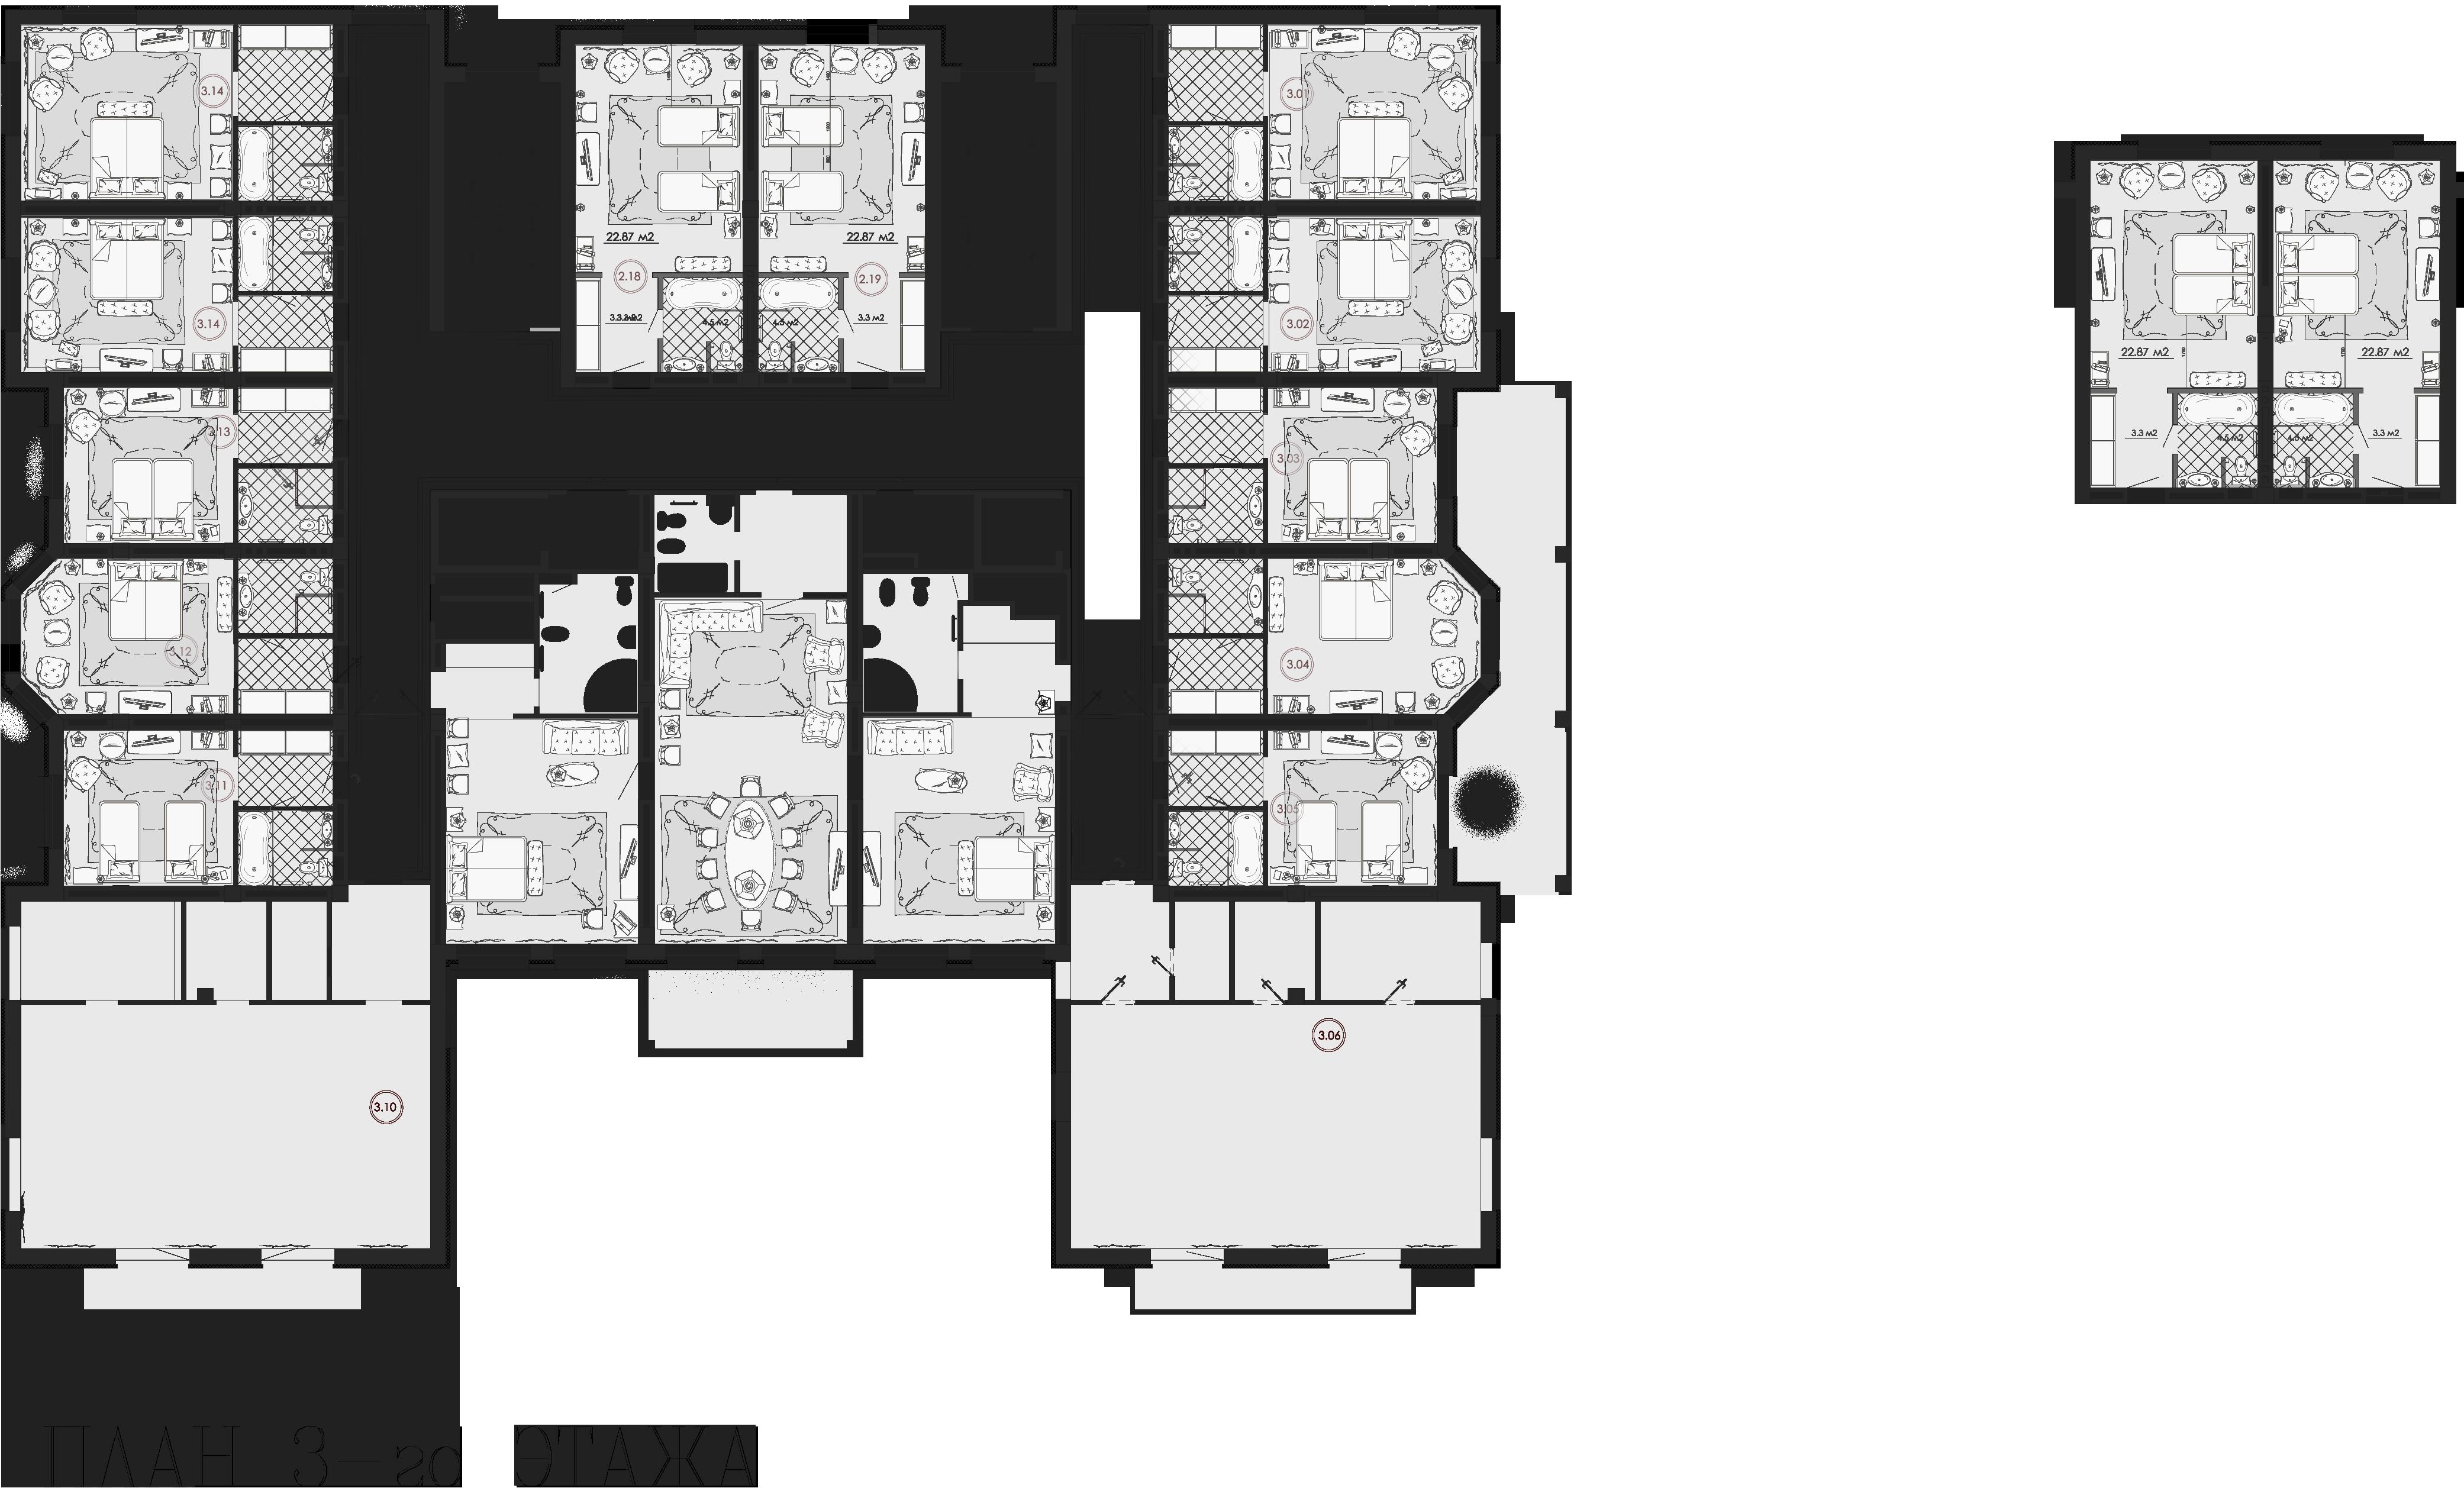 План третьего этажа c классической расстановкой мебели в индивидуальных номерах.